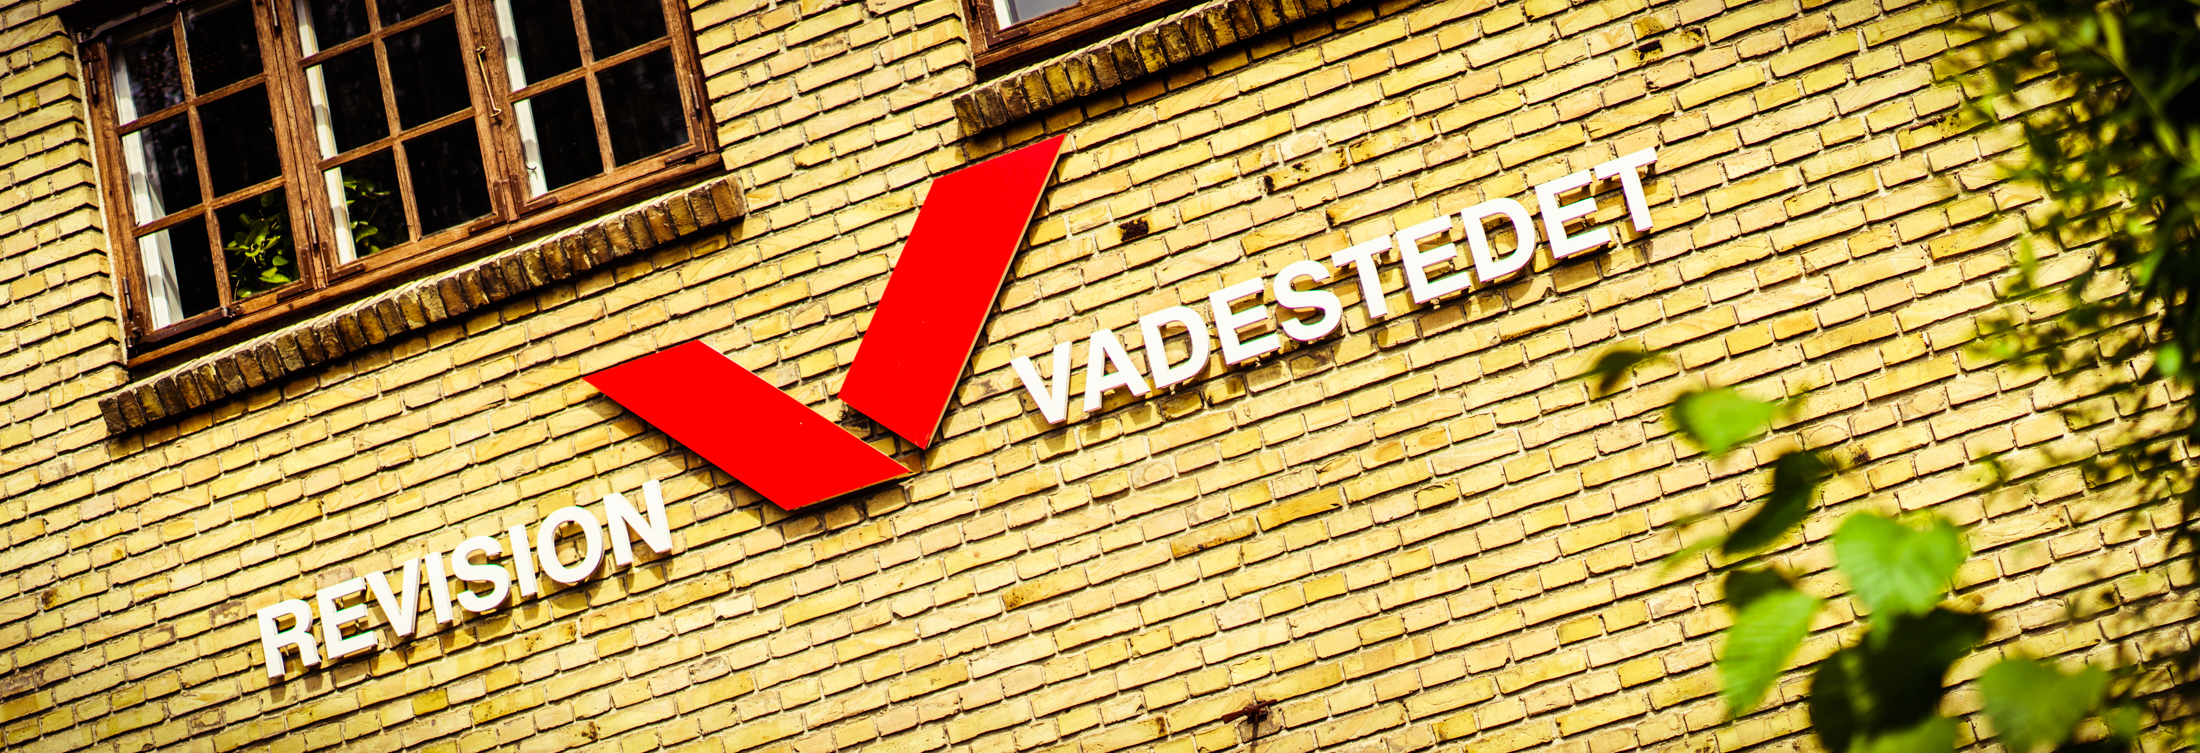 Revision Vadestedet Gavl - Fotograf Steen Knarberg